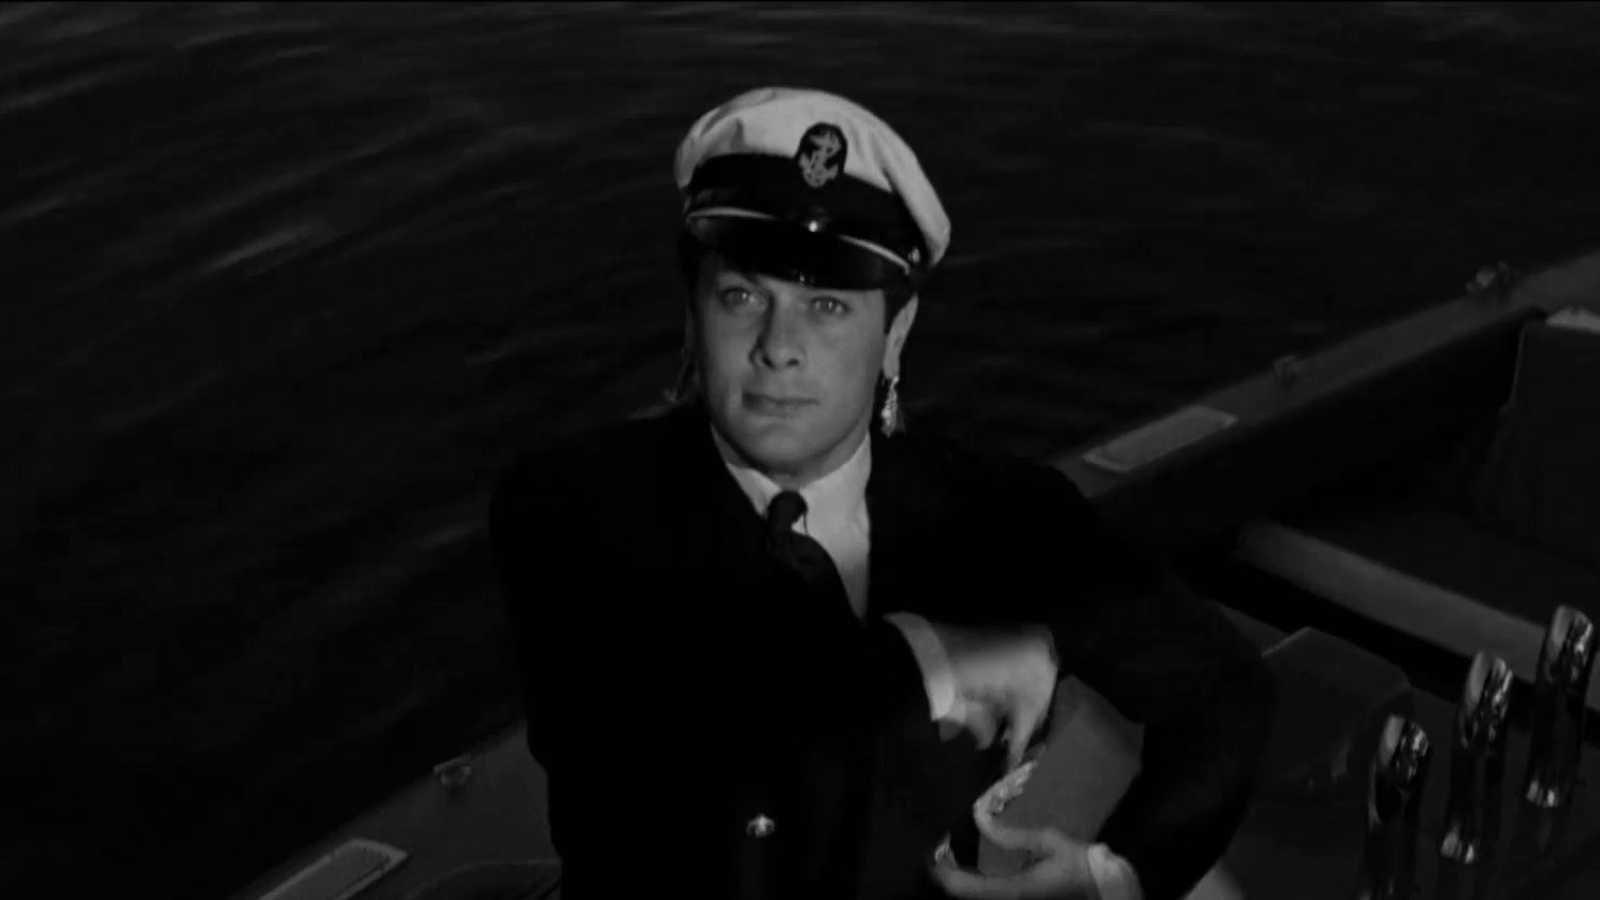 El momento de cine de Pedro Casablanc: 'Con faldas y a lo loco'